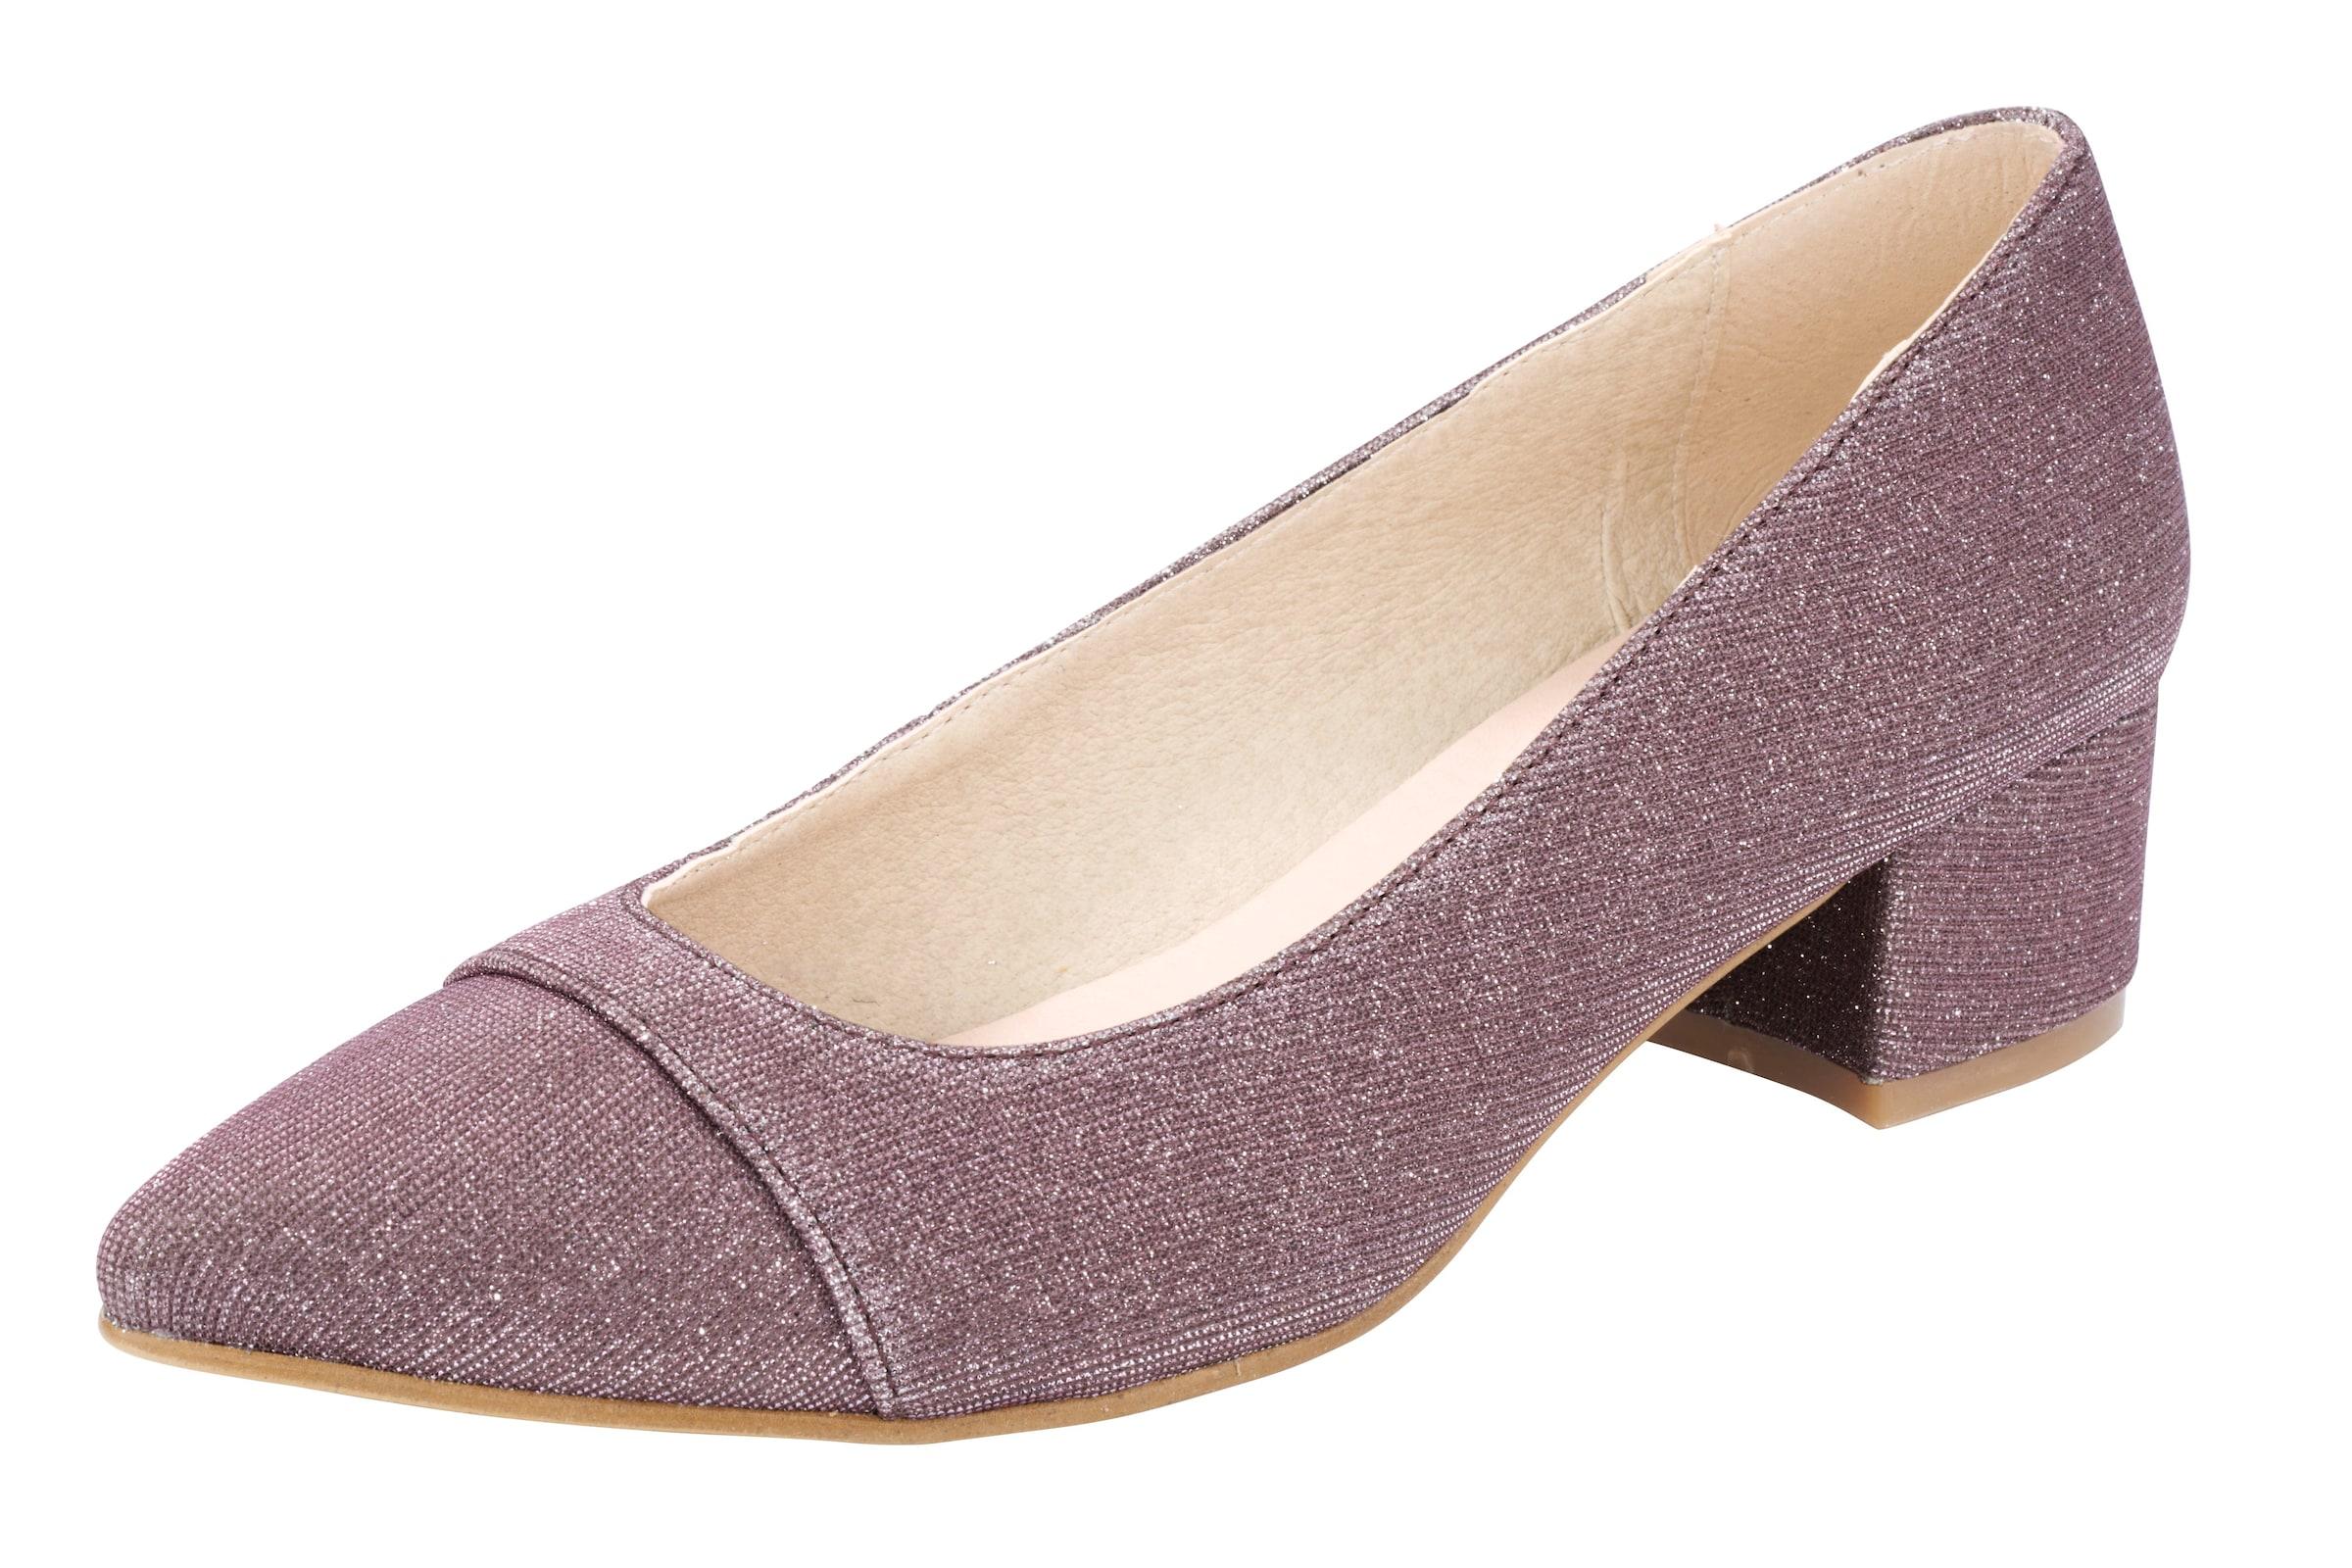 Haltbare Mode billige Schuhe heine   Pumps Schuhe Gut getragene Schuhe